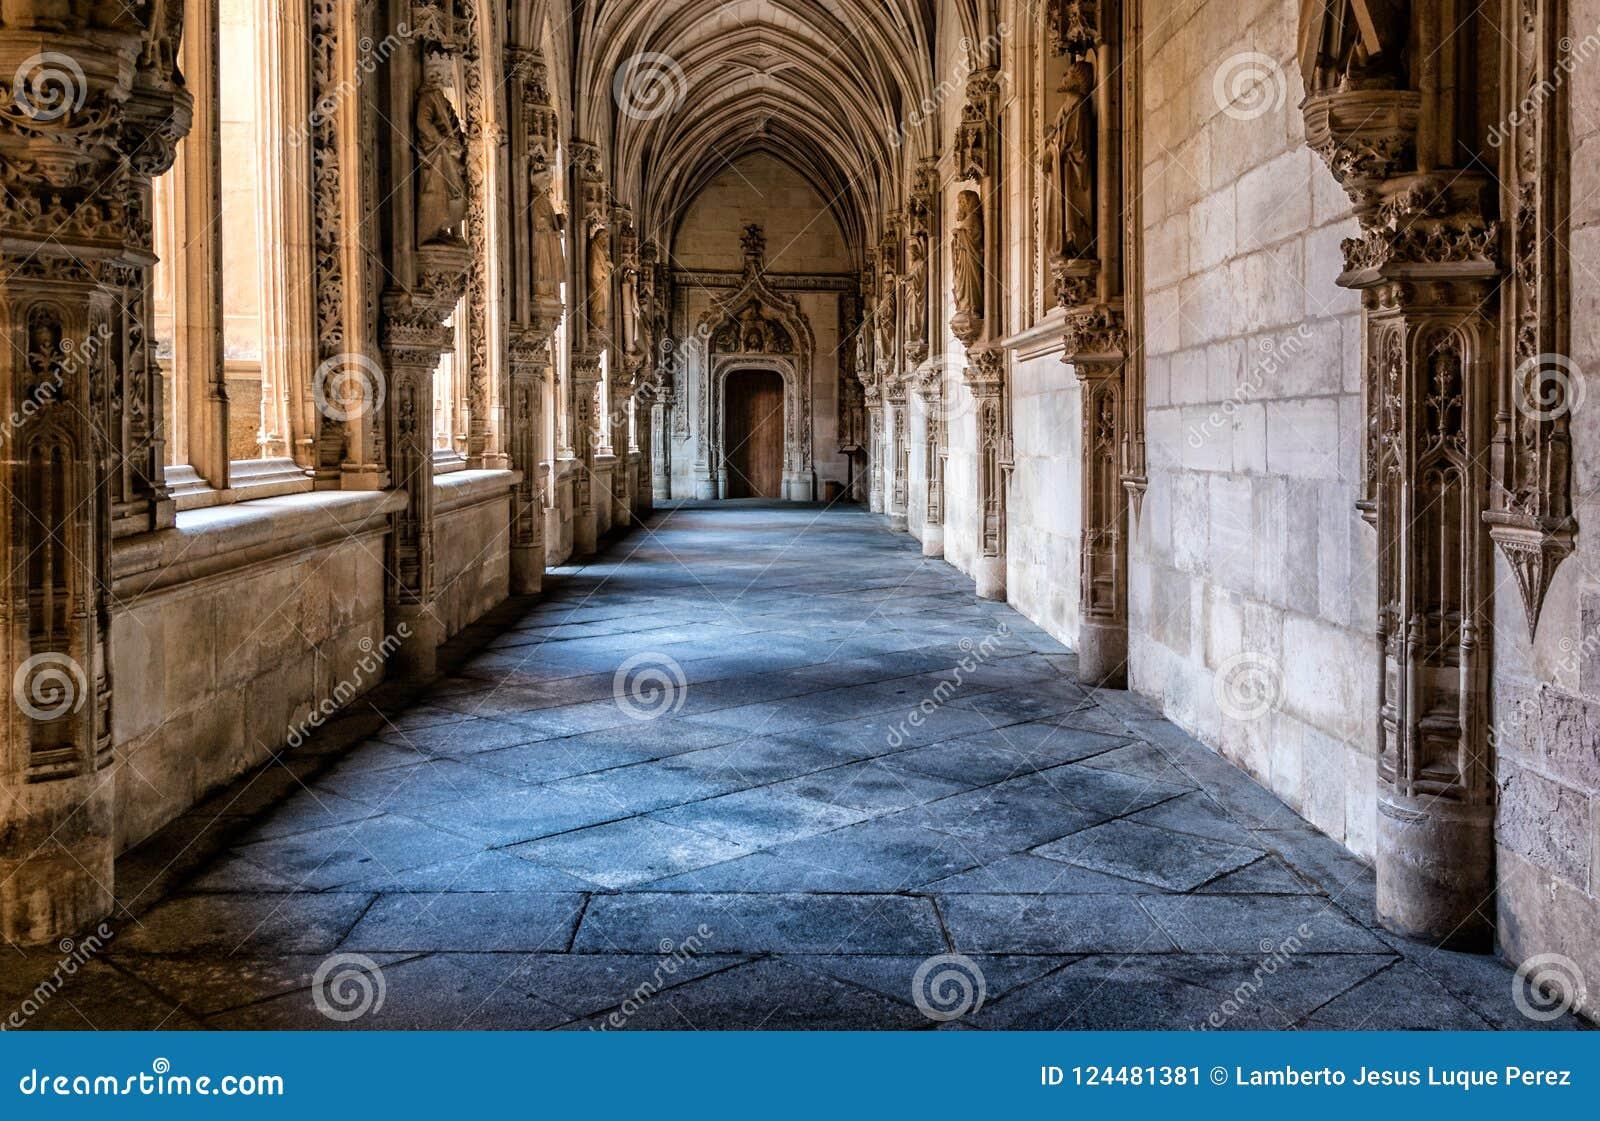 Fotografía del interior del pasillo del claustro de la catedral de Toledo